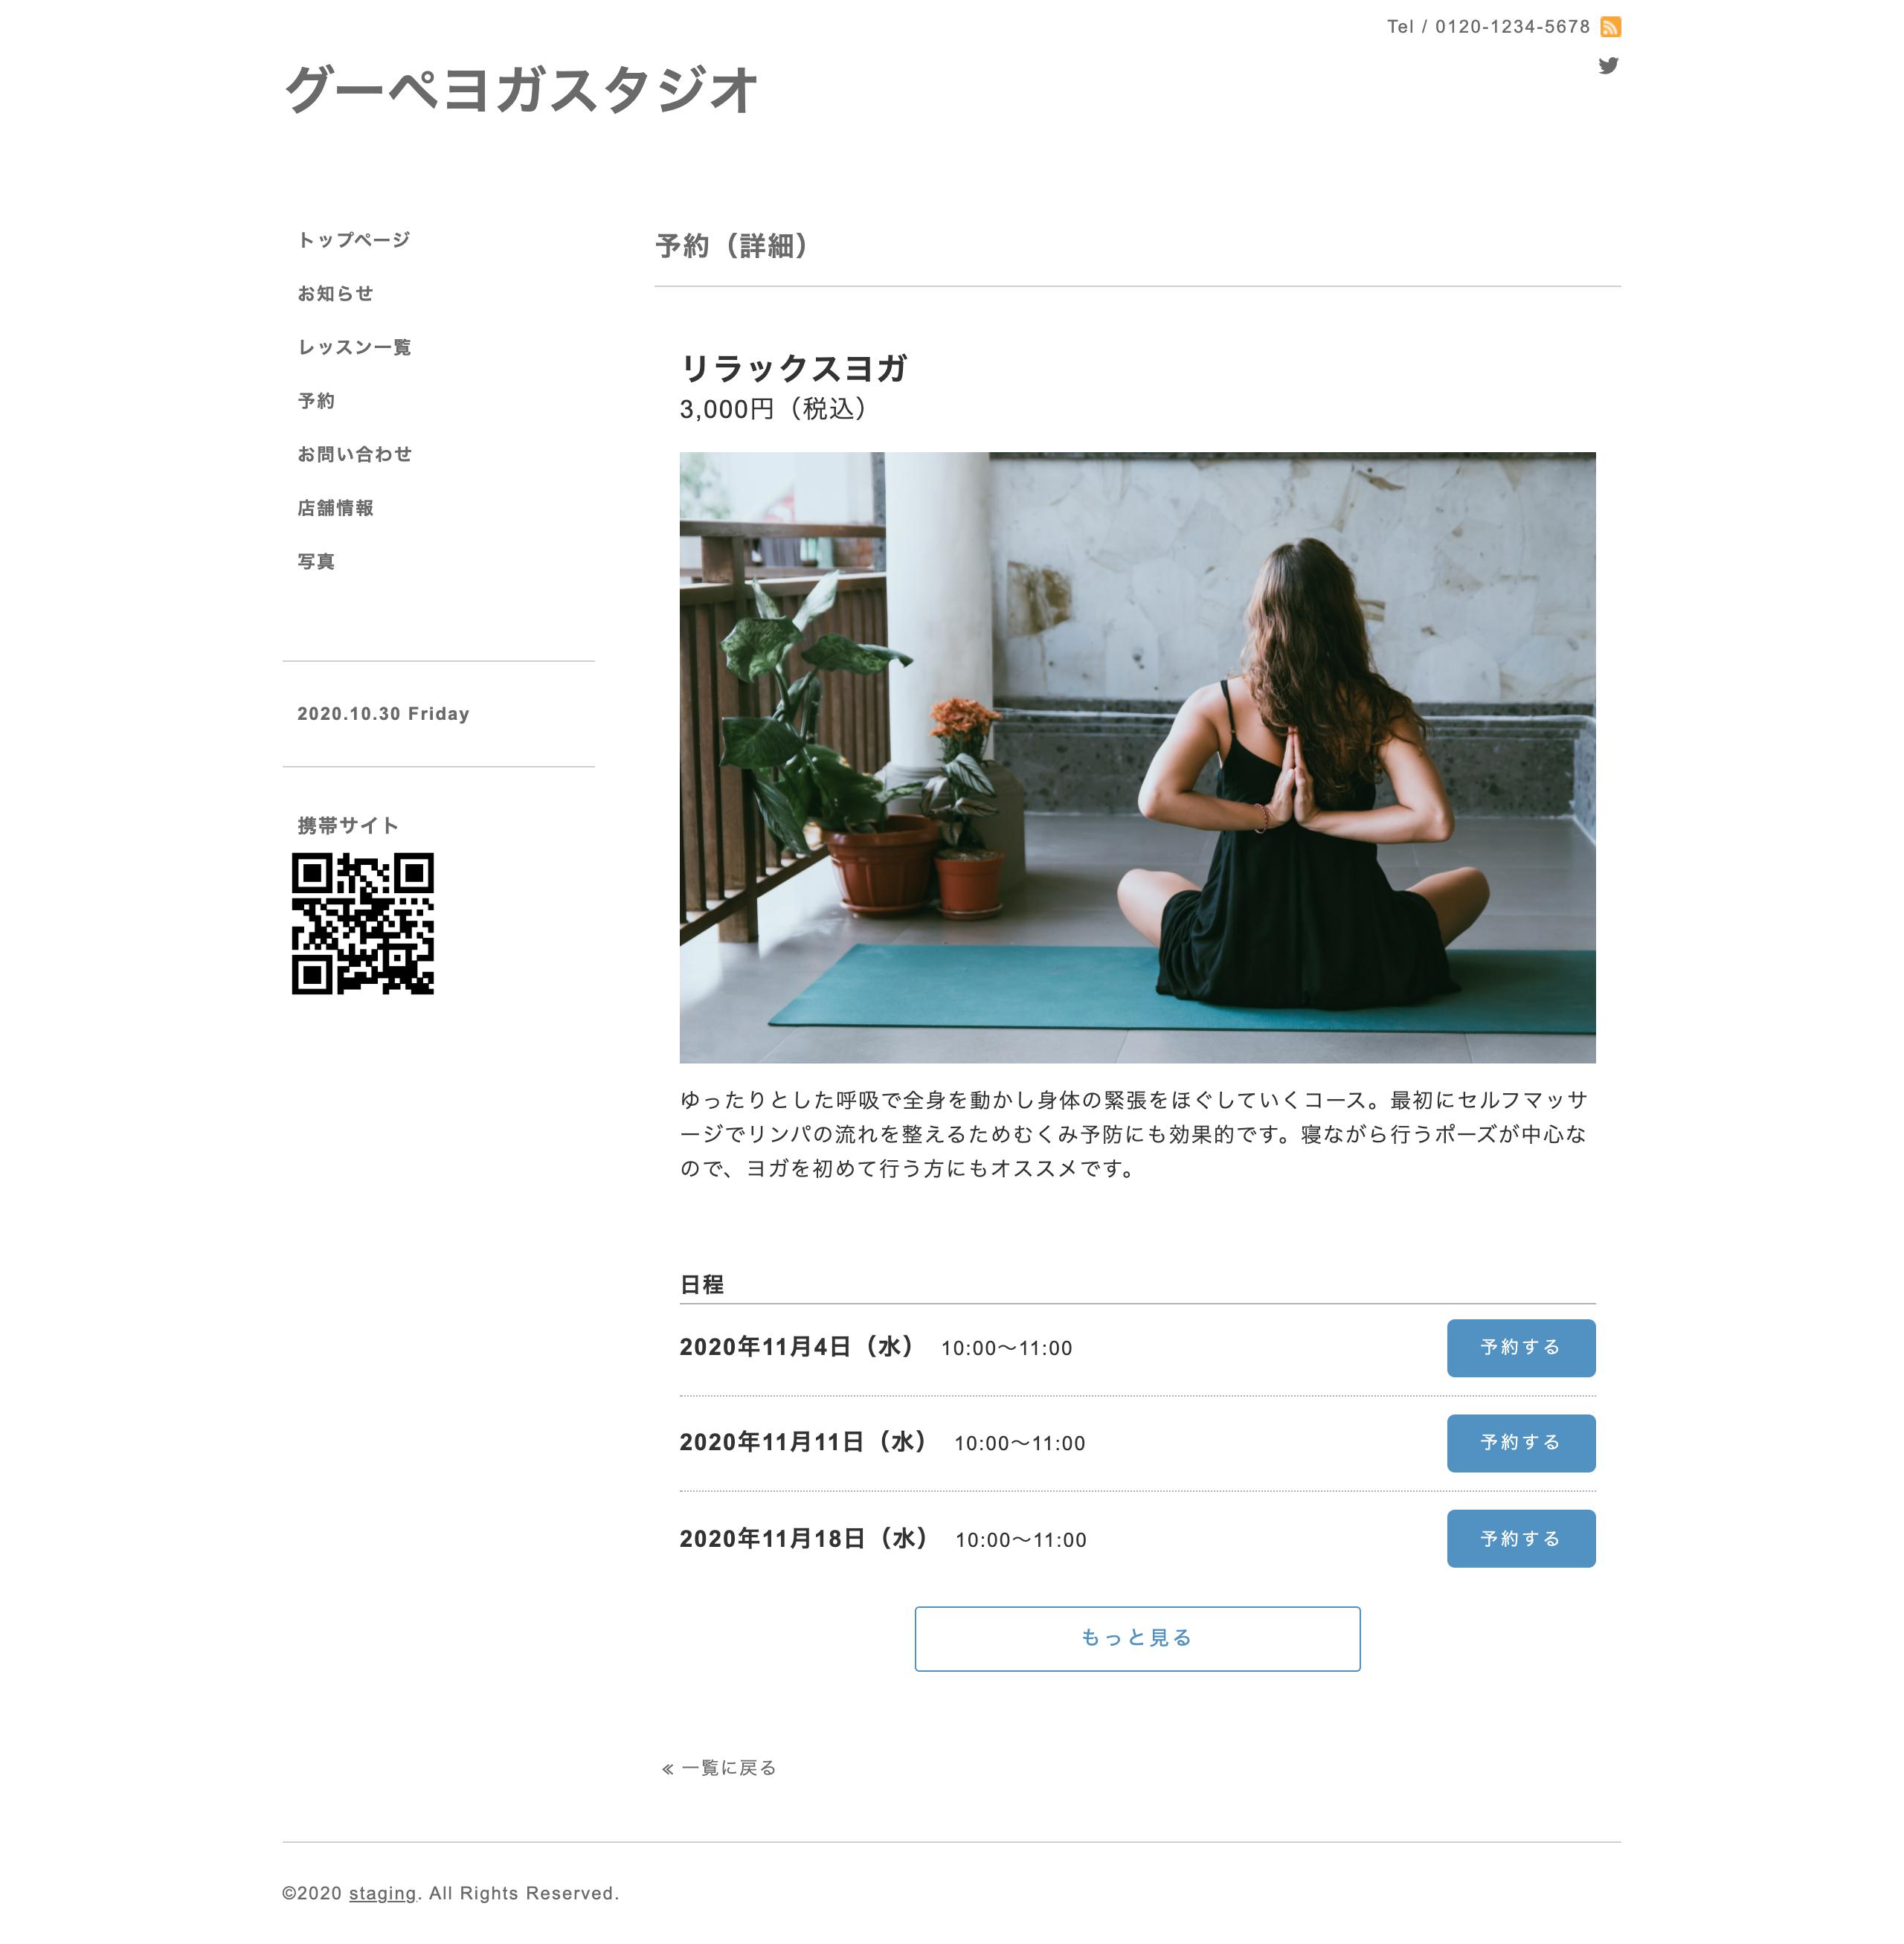 ホームページ 予約詳細